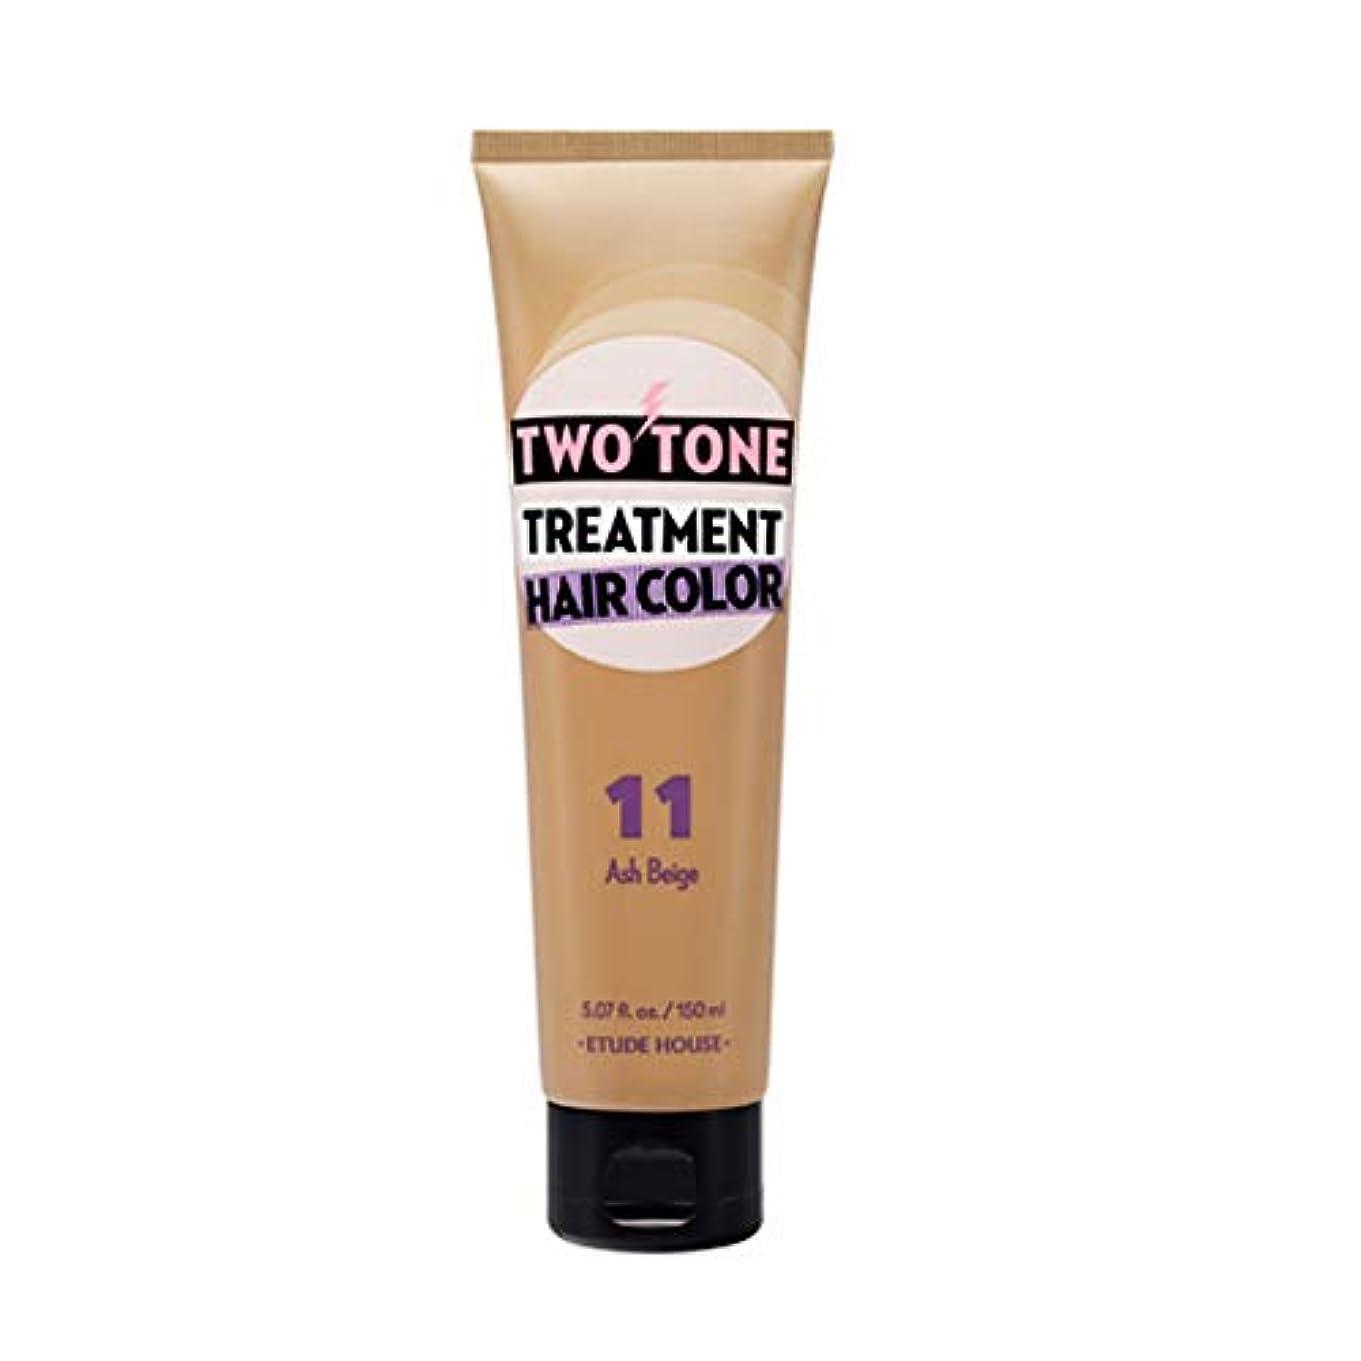 疑い者申し立て旧正月ETUDE HOUSE Two Tone Treatment Hair Color (#11 Ash Beige) エチュードハウス ツートントリートメントヘアカラー150ml (#11 アッシュベージュ)